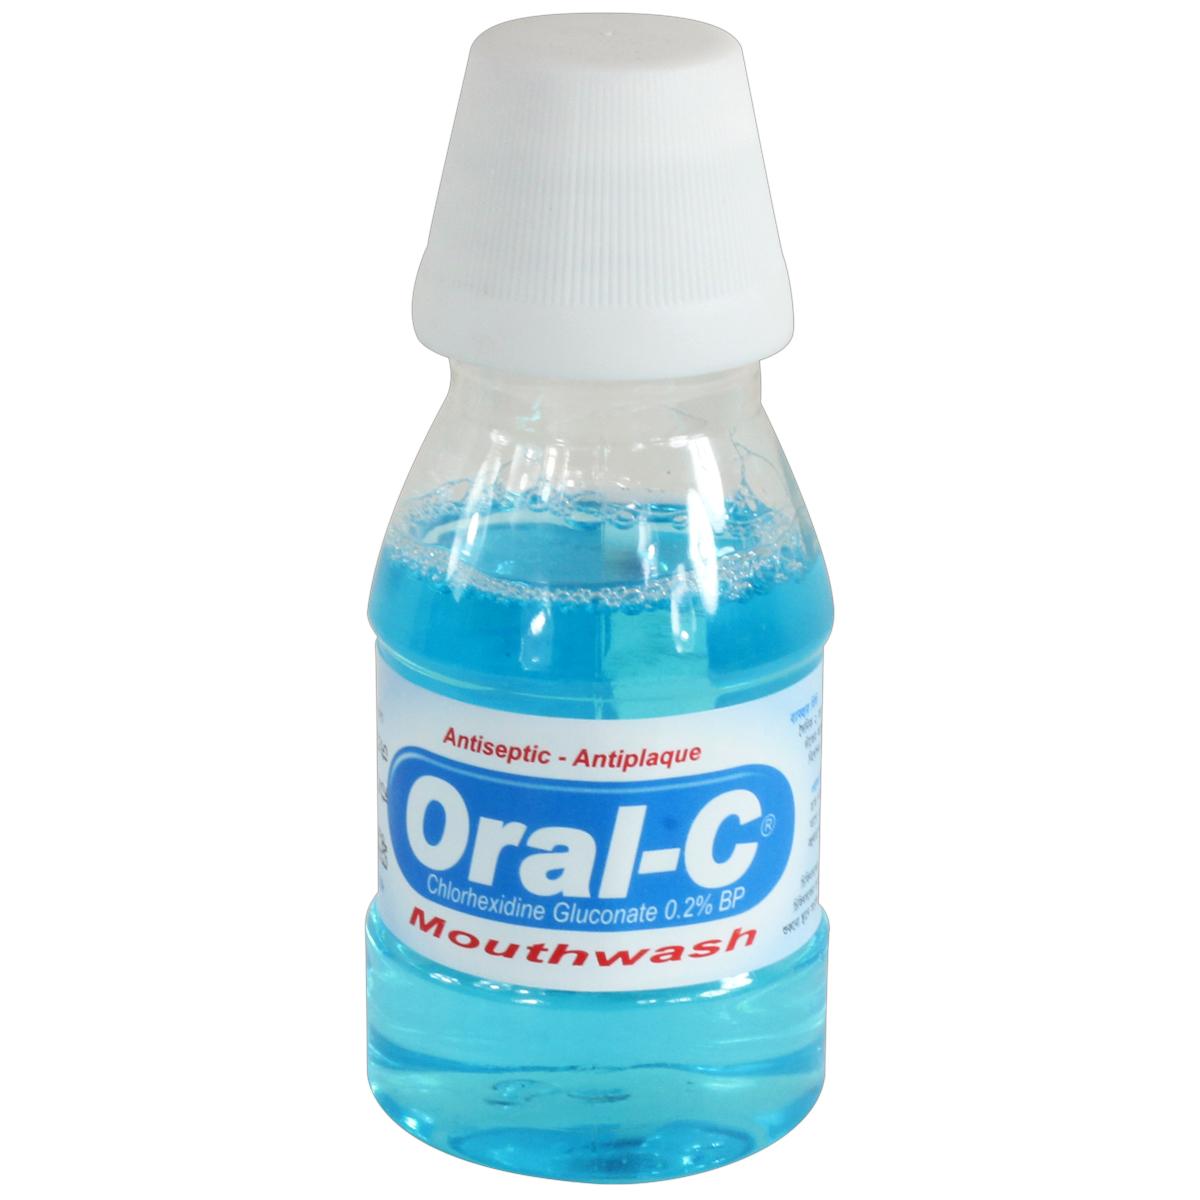 ORAL-C